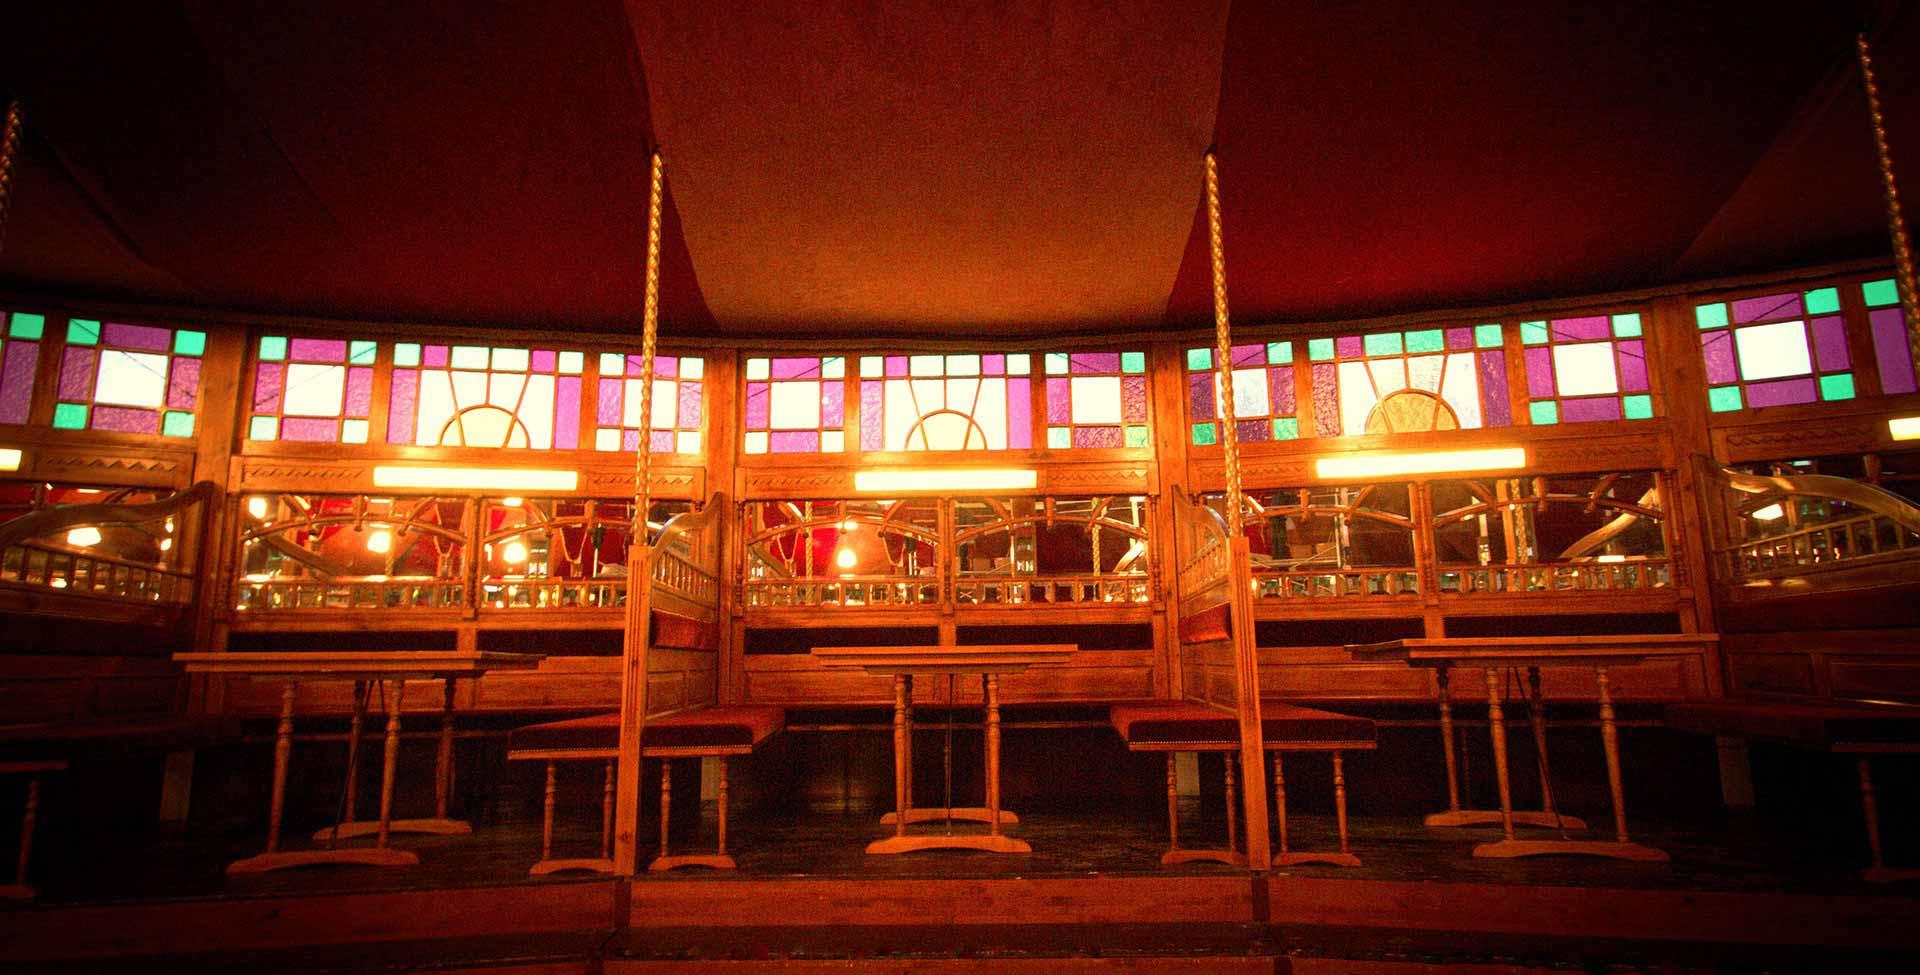 ... Bar spiegeltent Paradiso ... & Paradiso Spiegeltent | Van Rosmalen Spiegeltenten